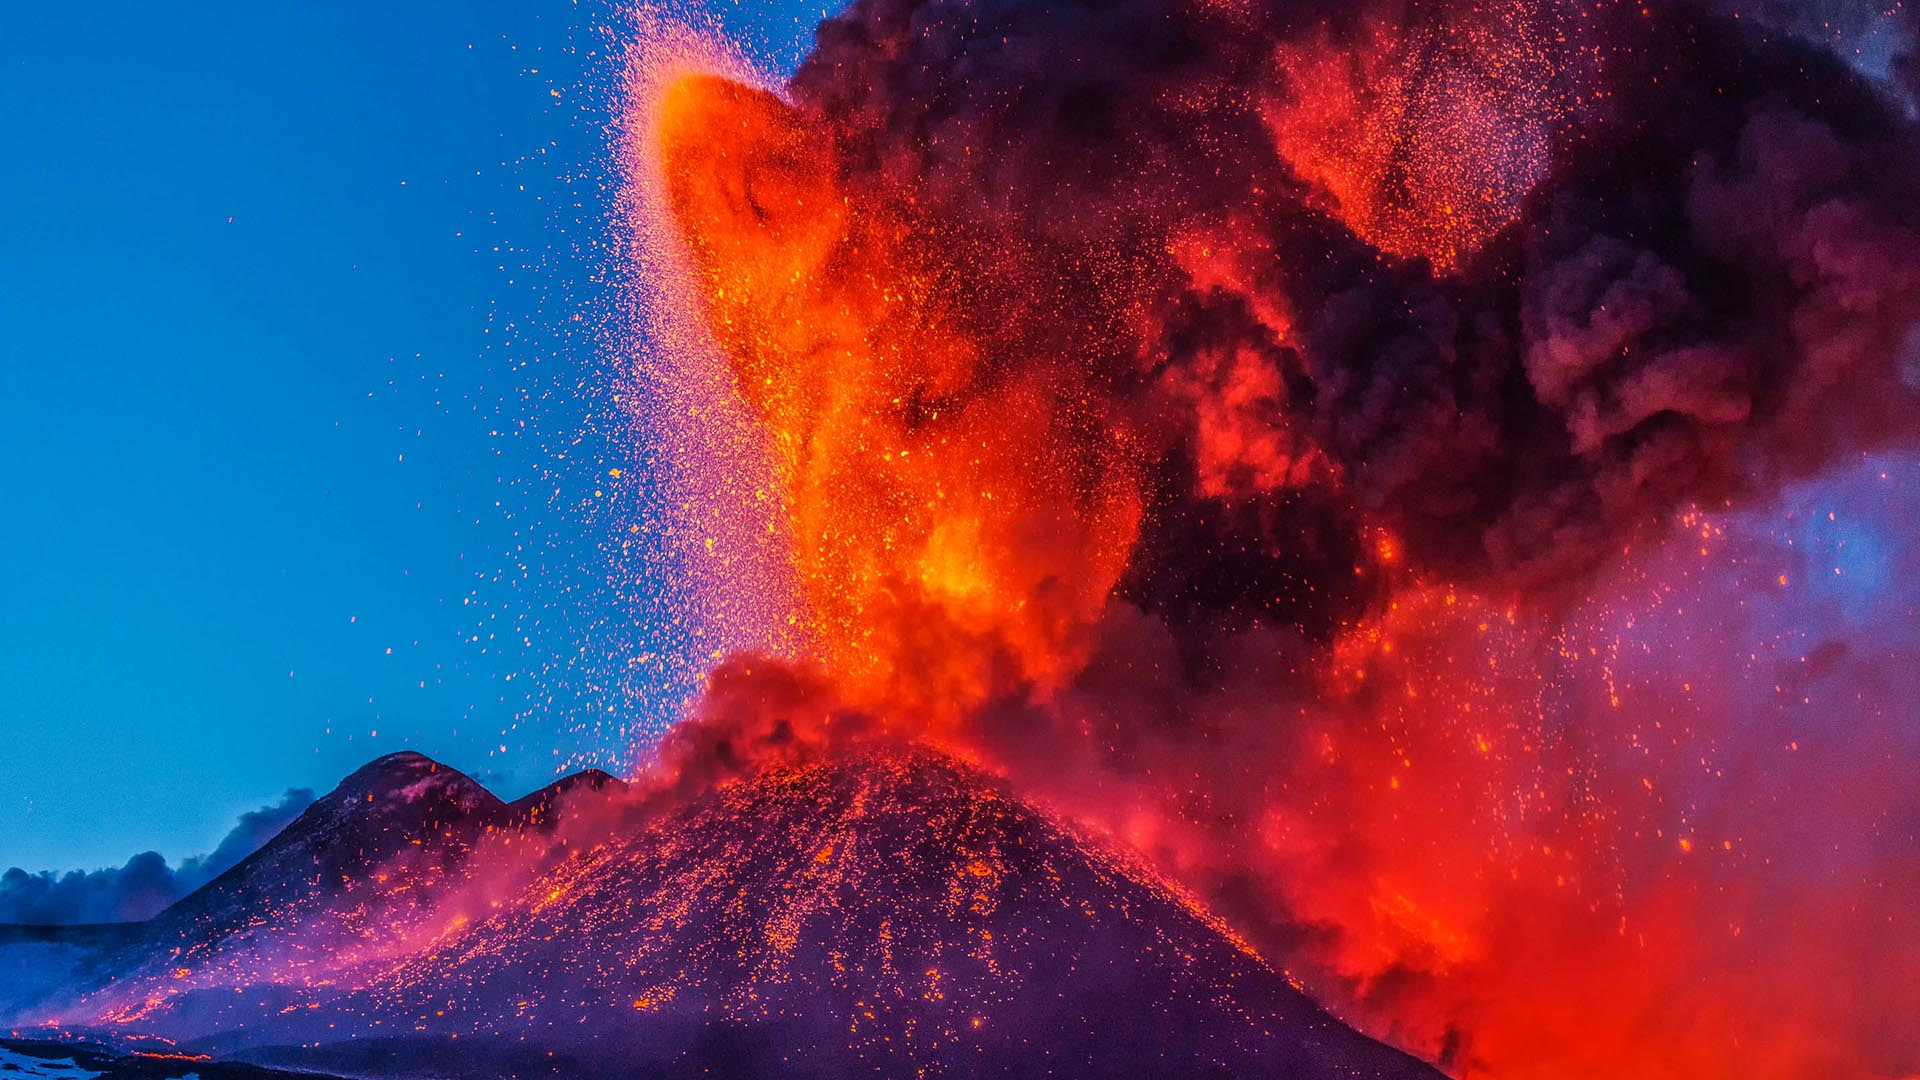 Οι πιο επικίνδυνοι ηφαιστειογενείς προορισμοί